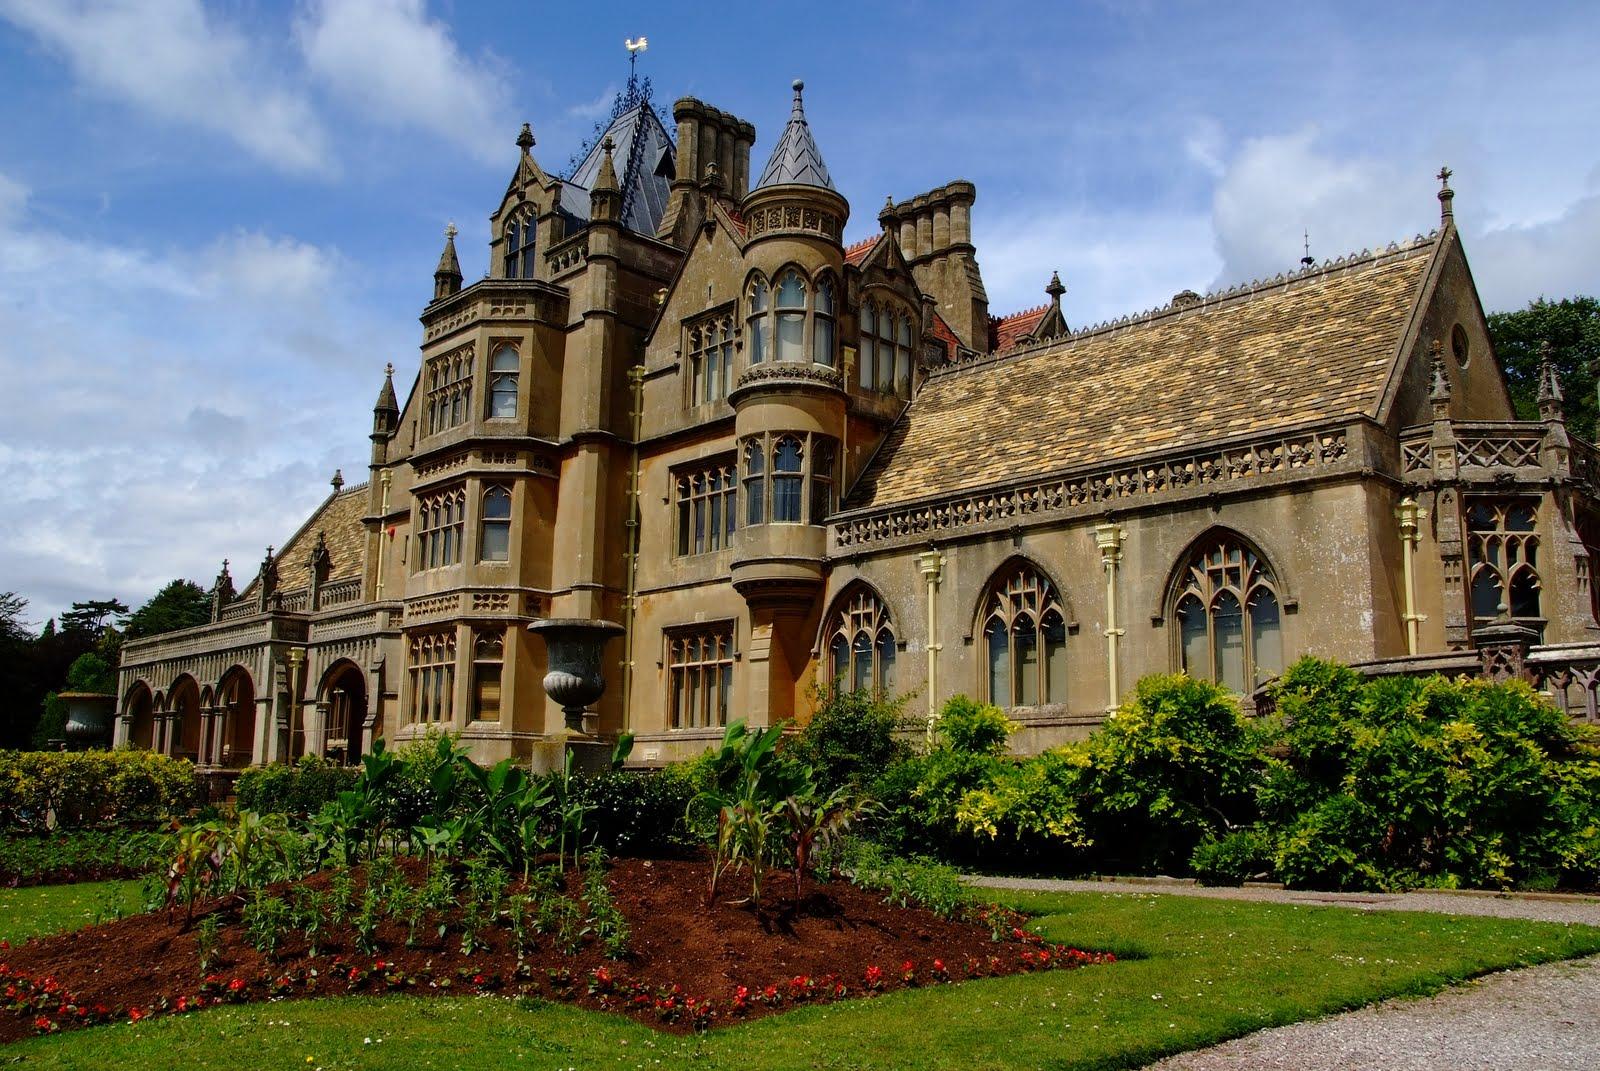 John 39 s photo blog national trust tyntesfield estate nr for Estate house